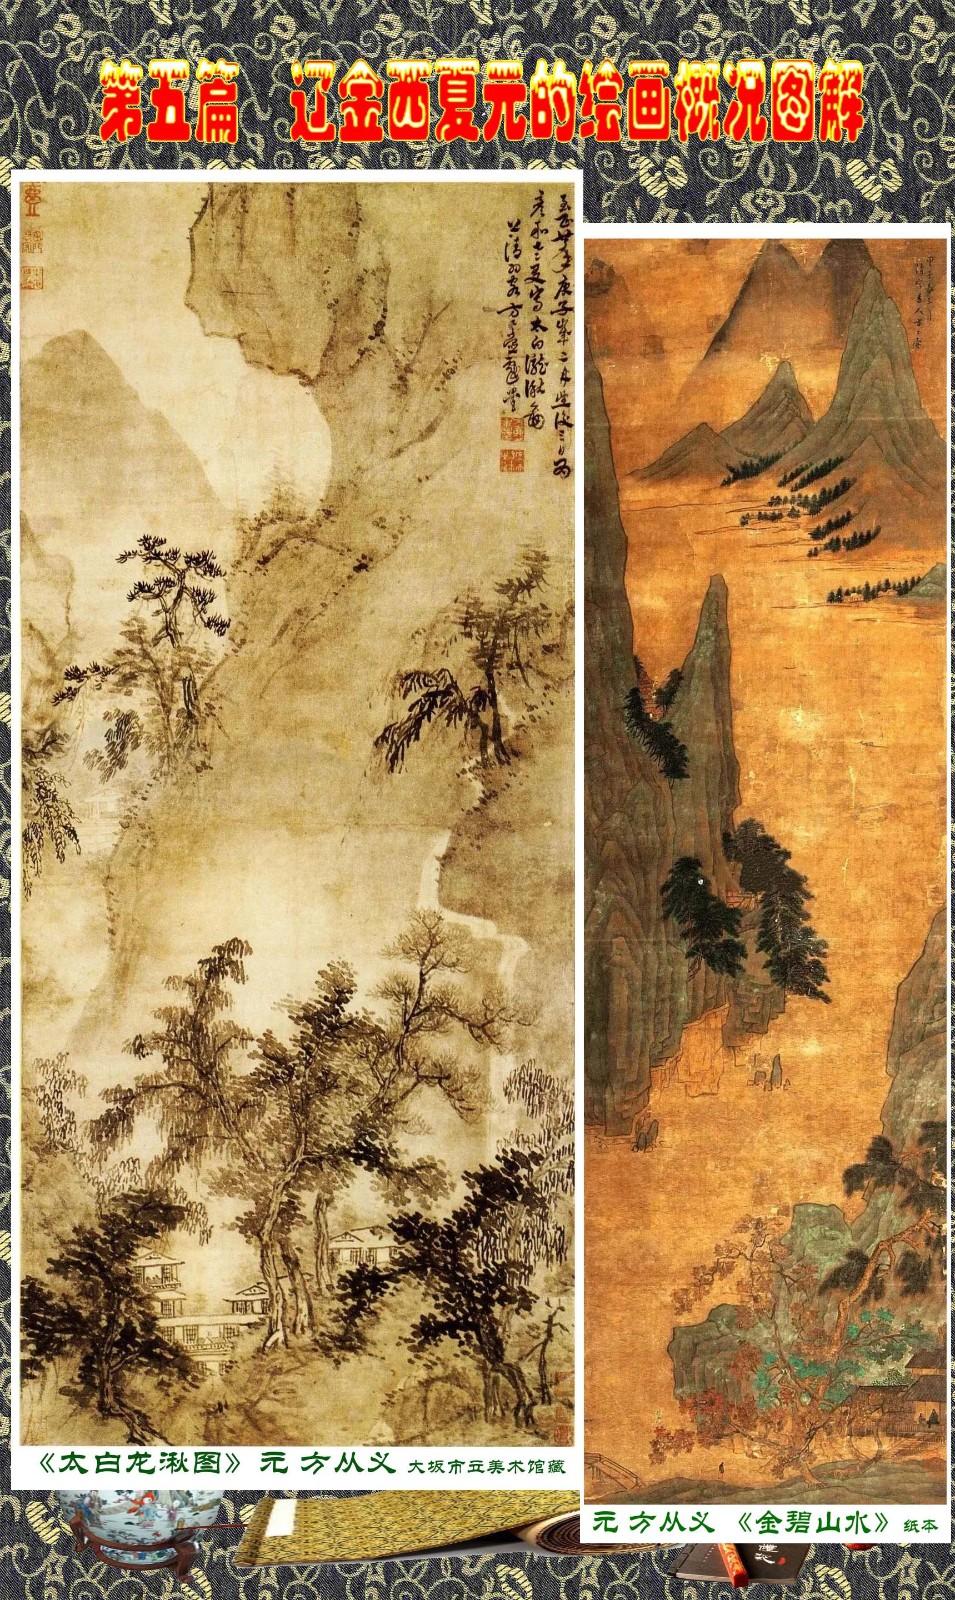 顾绍骅编辑 中国画知识普及版 第五篇 辽金西夏元的绘画概况 下 ... ..._图1-44